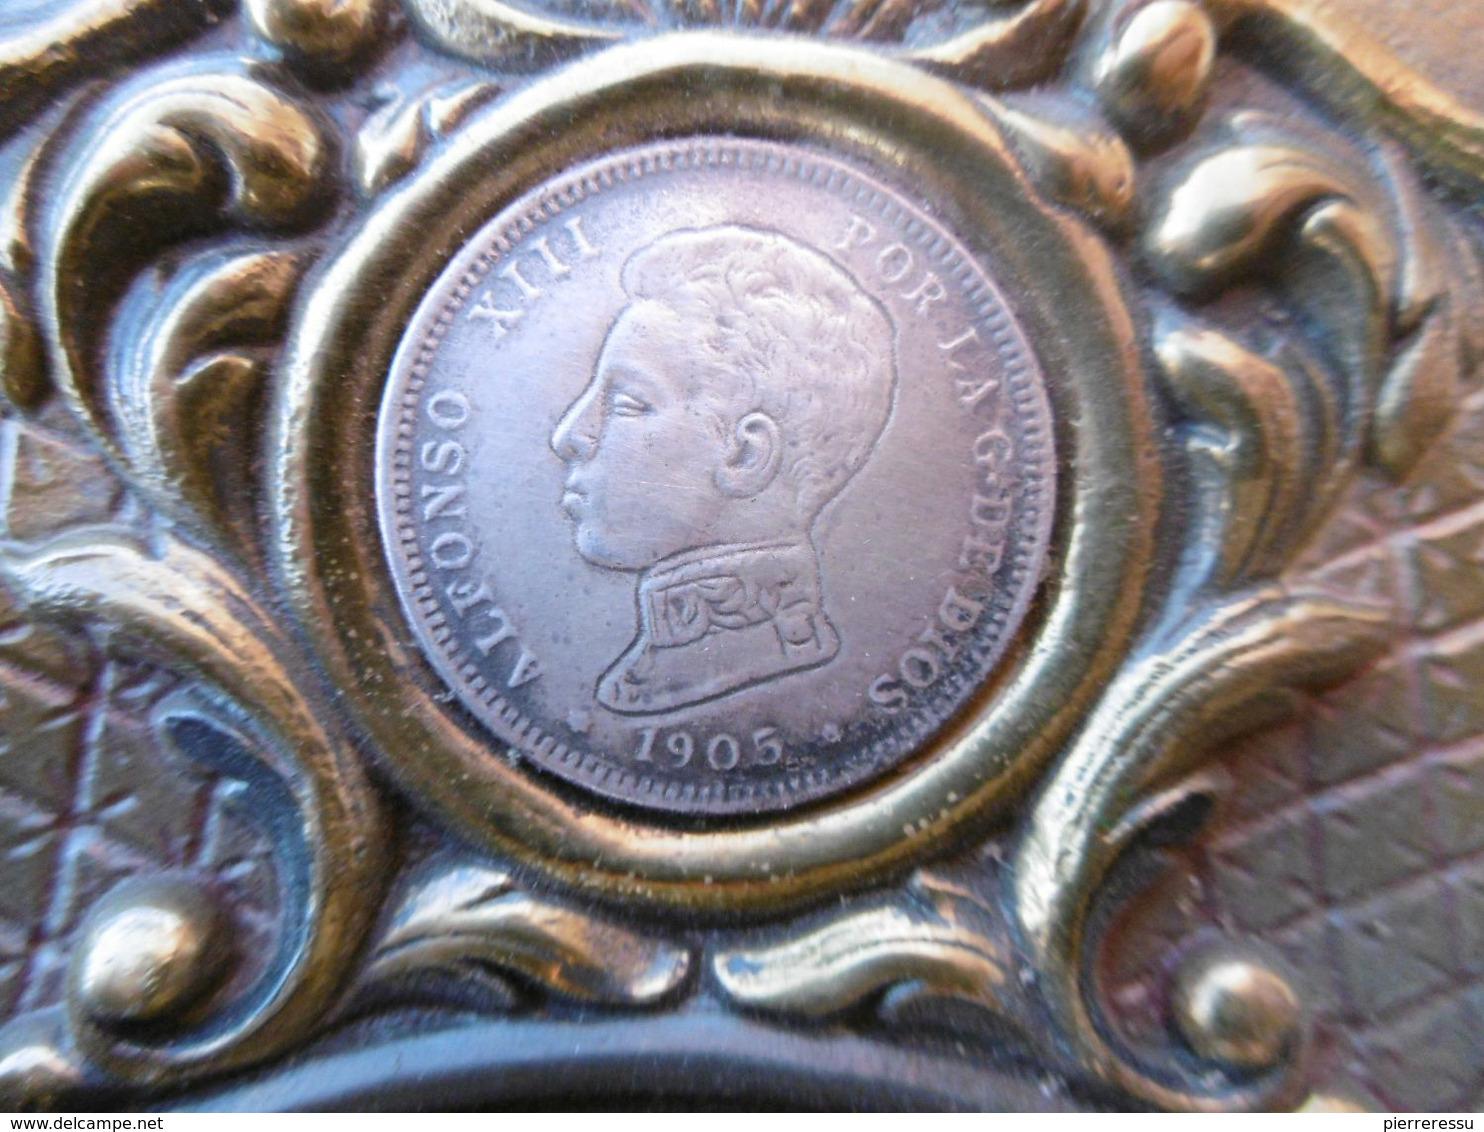 ALFONSO XIII PLAT ARMOIRIES ROYALES BRONZE ORNE DE 3 MONNAIES ARGENT - Bronzes